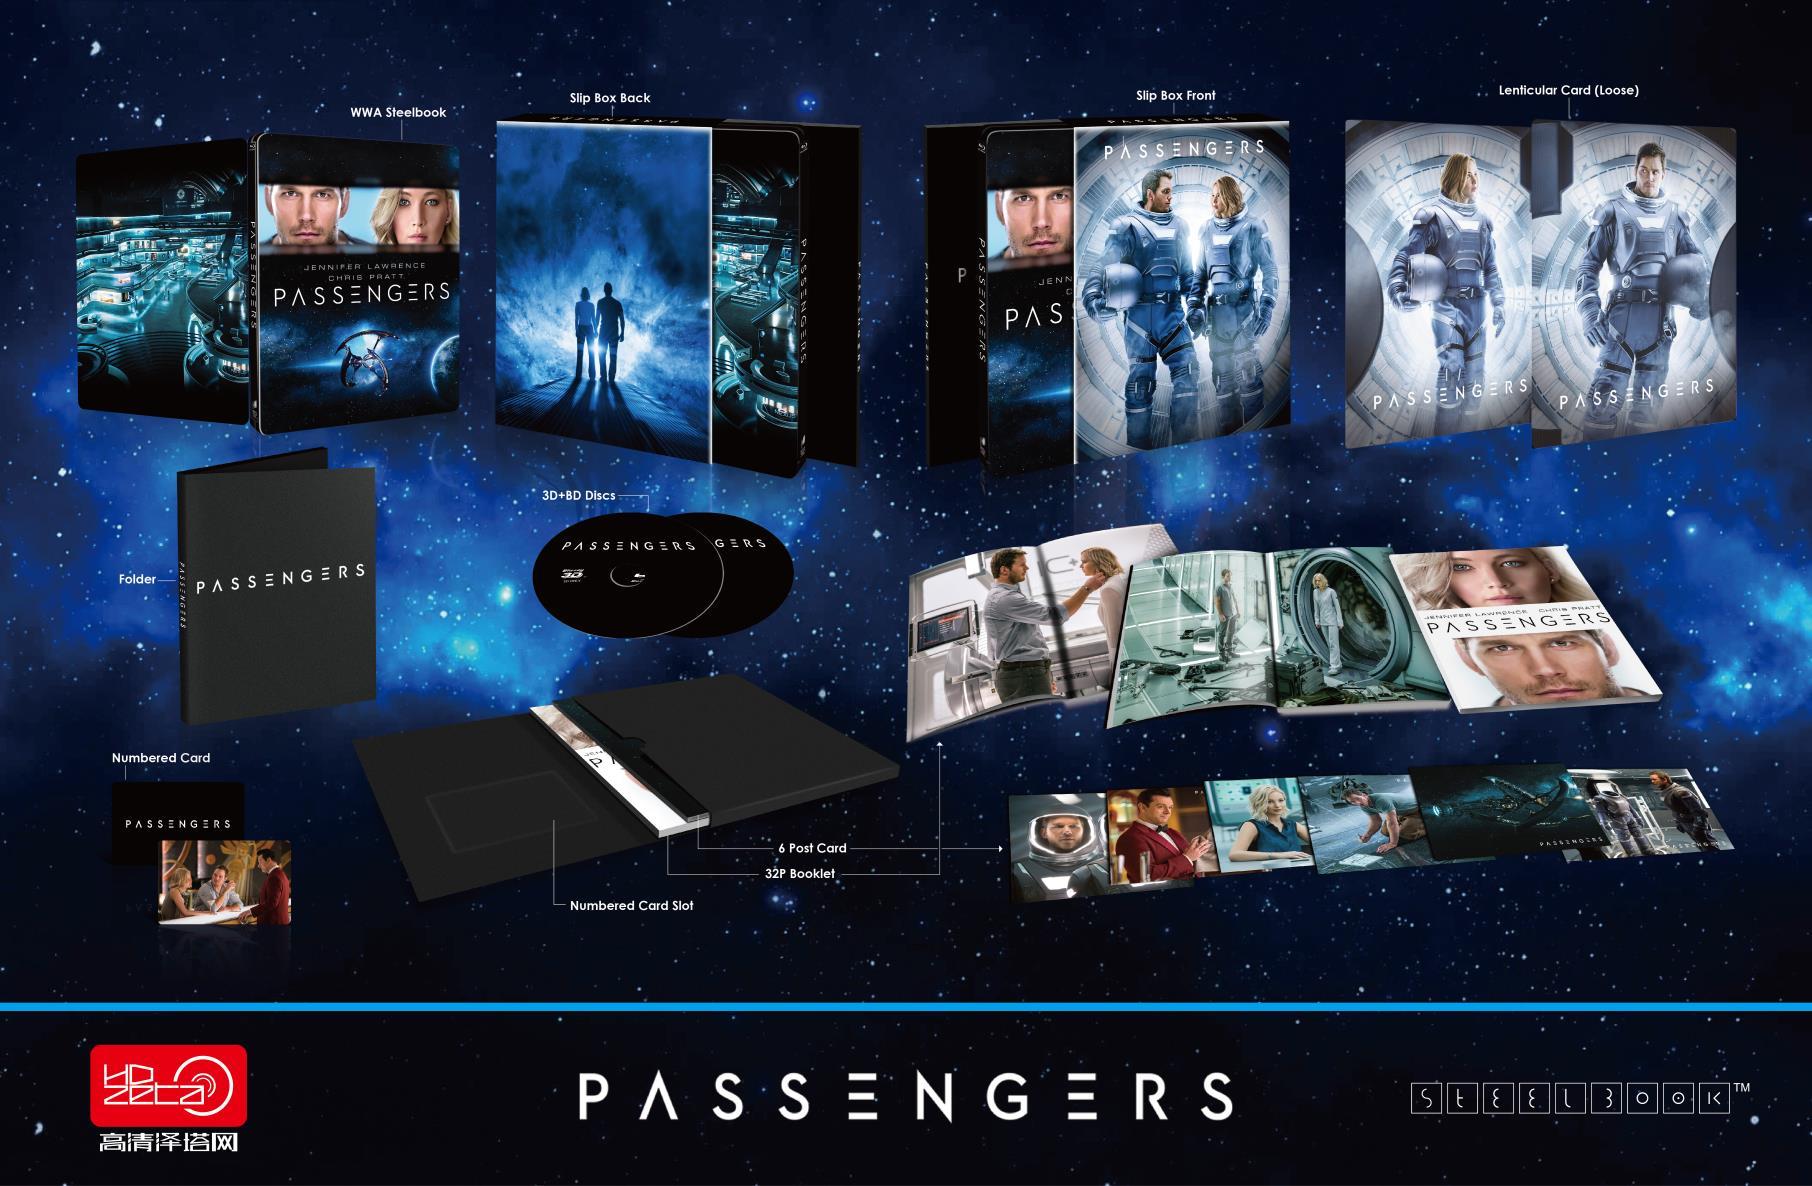 Passengers-steelbook-HDzeta